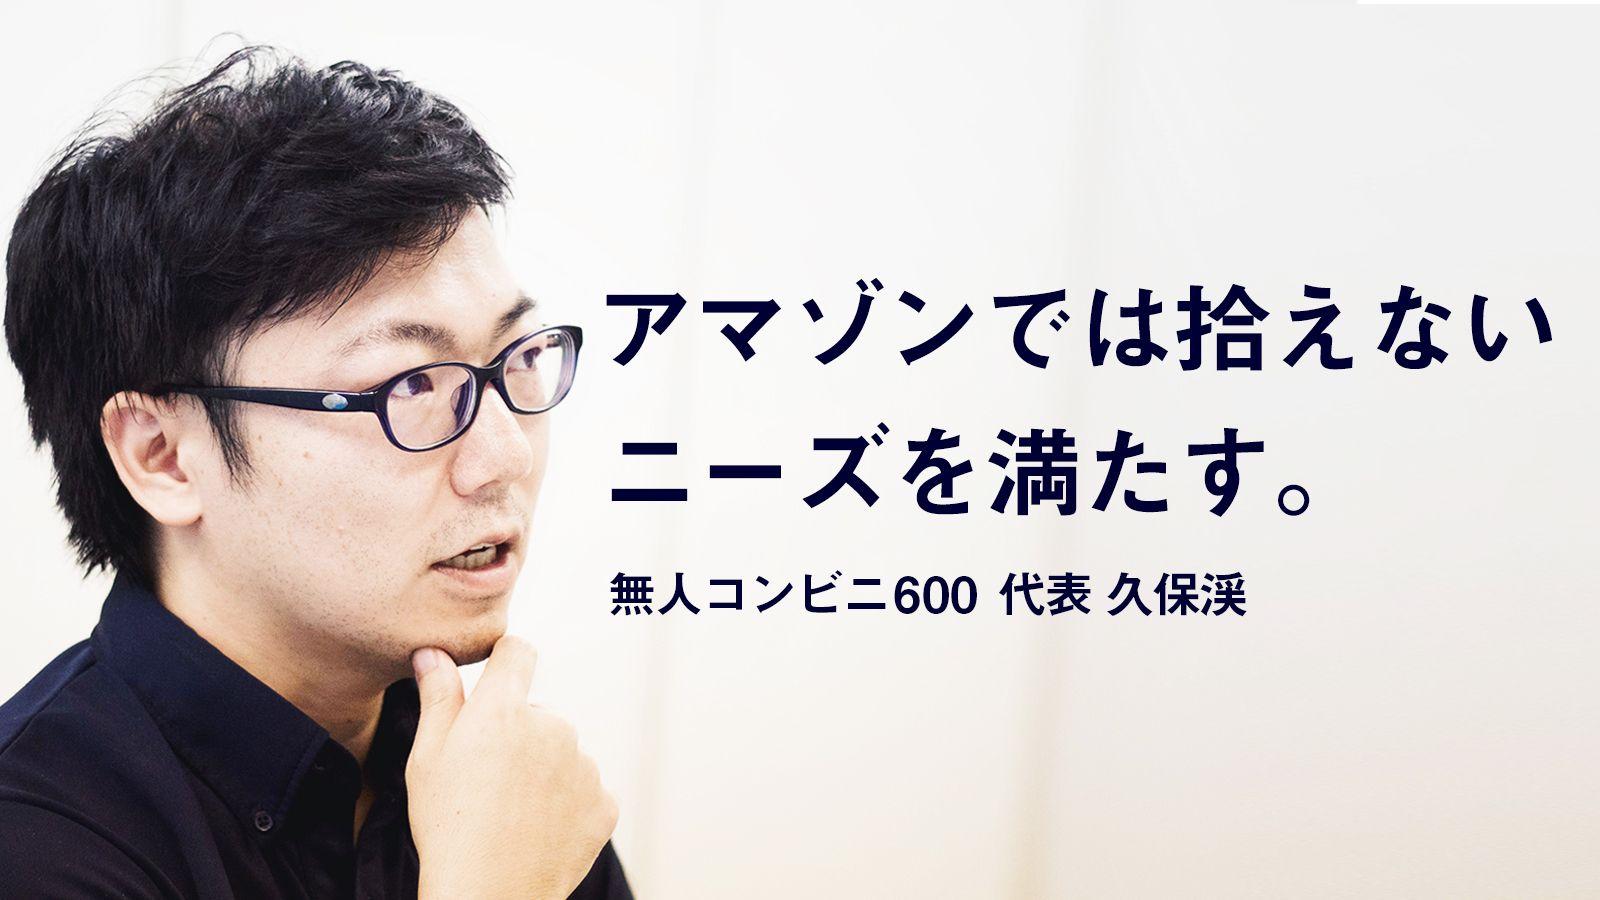 「無人コンビニ」はブルーオーシャン。連続起業家 久保渓、10兆円市場へのさらなる挑戦